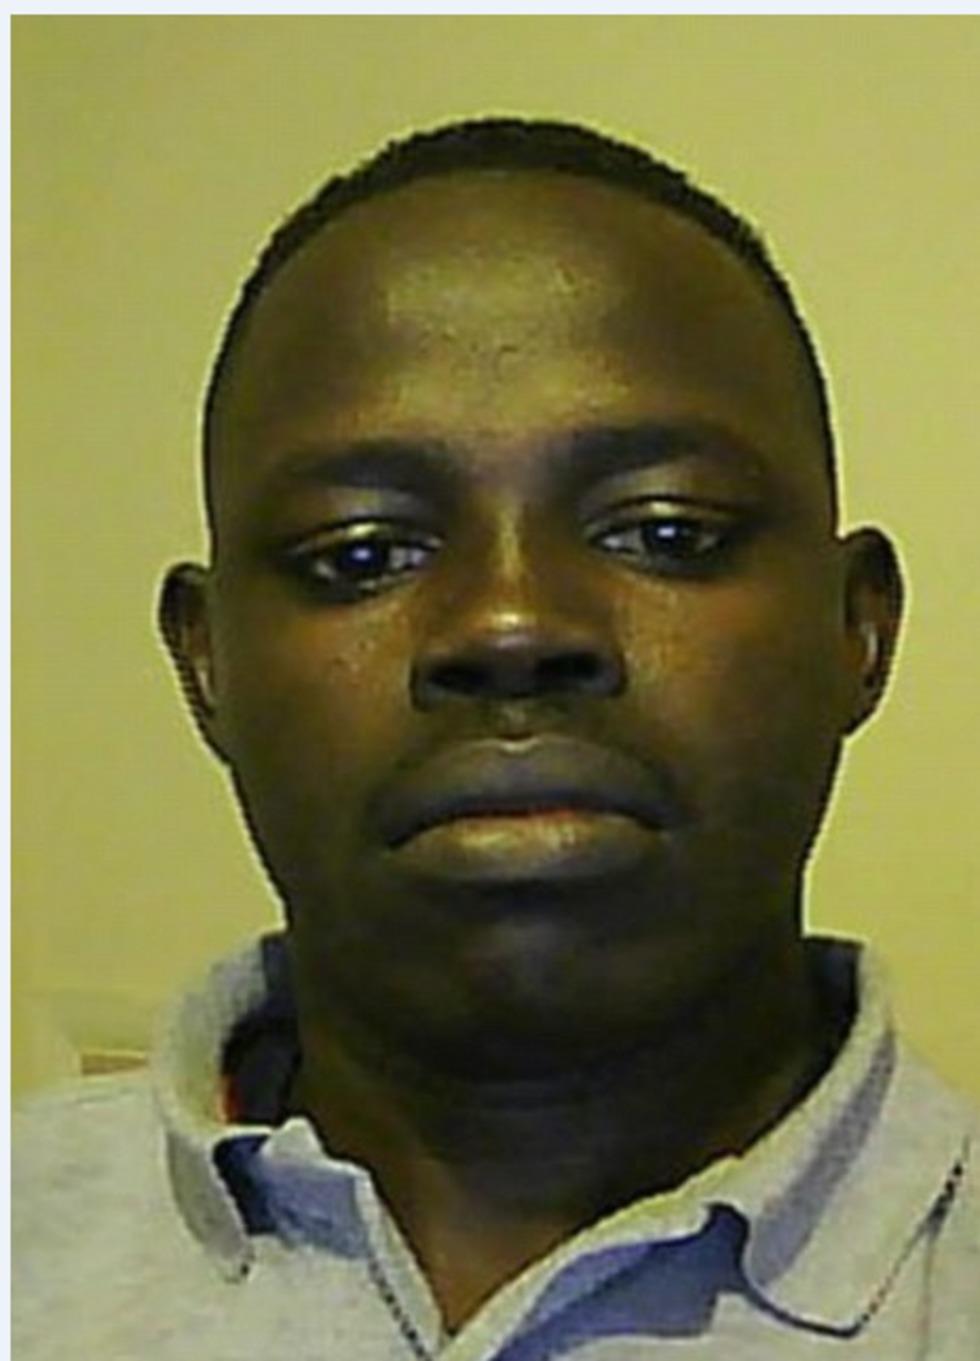 סאלח חאתר, הנהג החשוד בפיגוע הדריסה בלונדון (סלפי מהרשתות החברתיות)